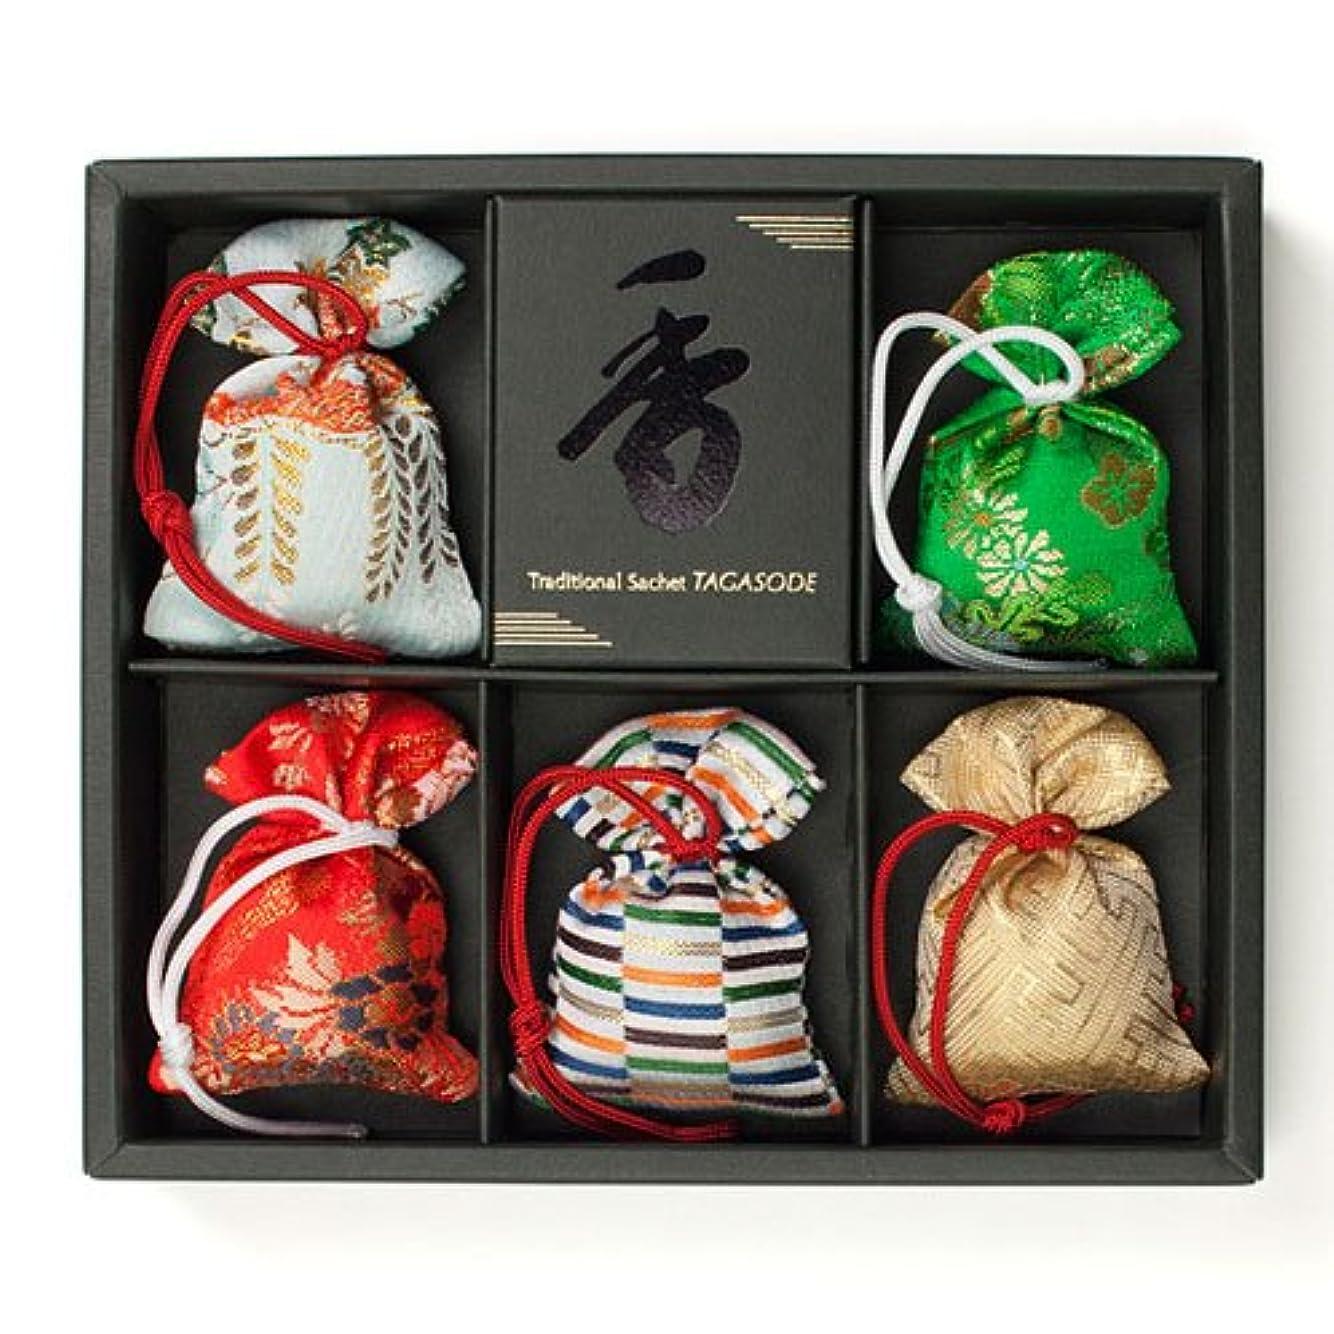 ソーダ水マーカー熟練した匂い袋 誰が袖 極品 5個入 松栄堂 Shoyeido 本体長さ60mm (色?柄は選べません)